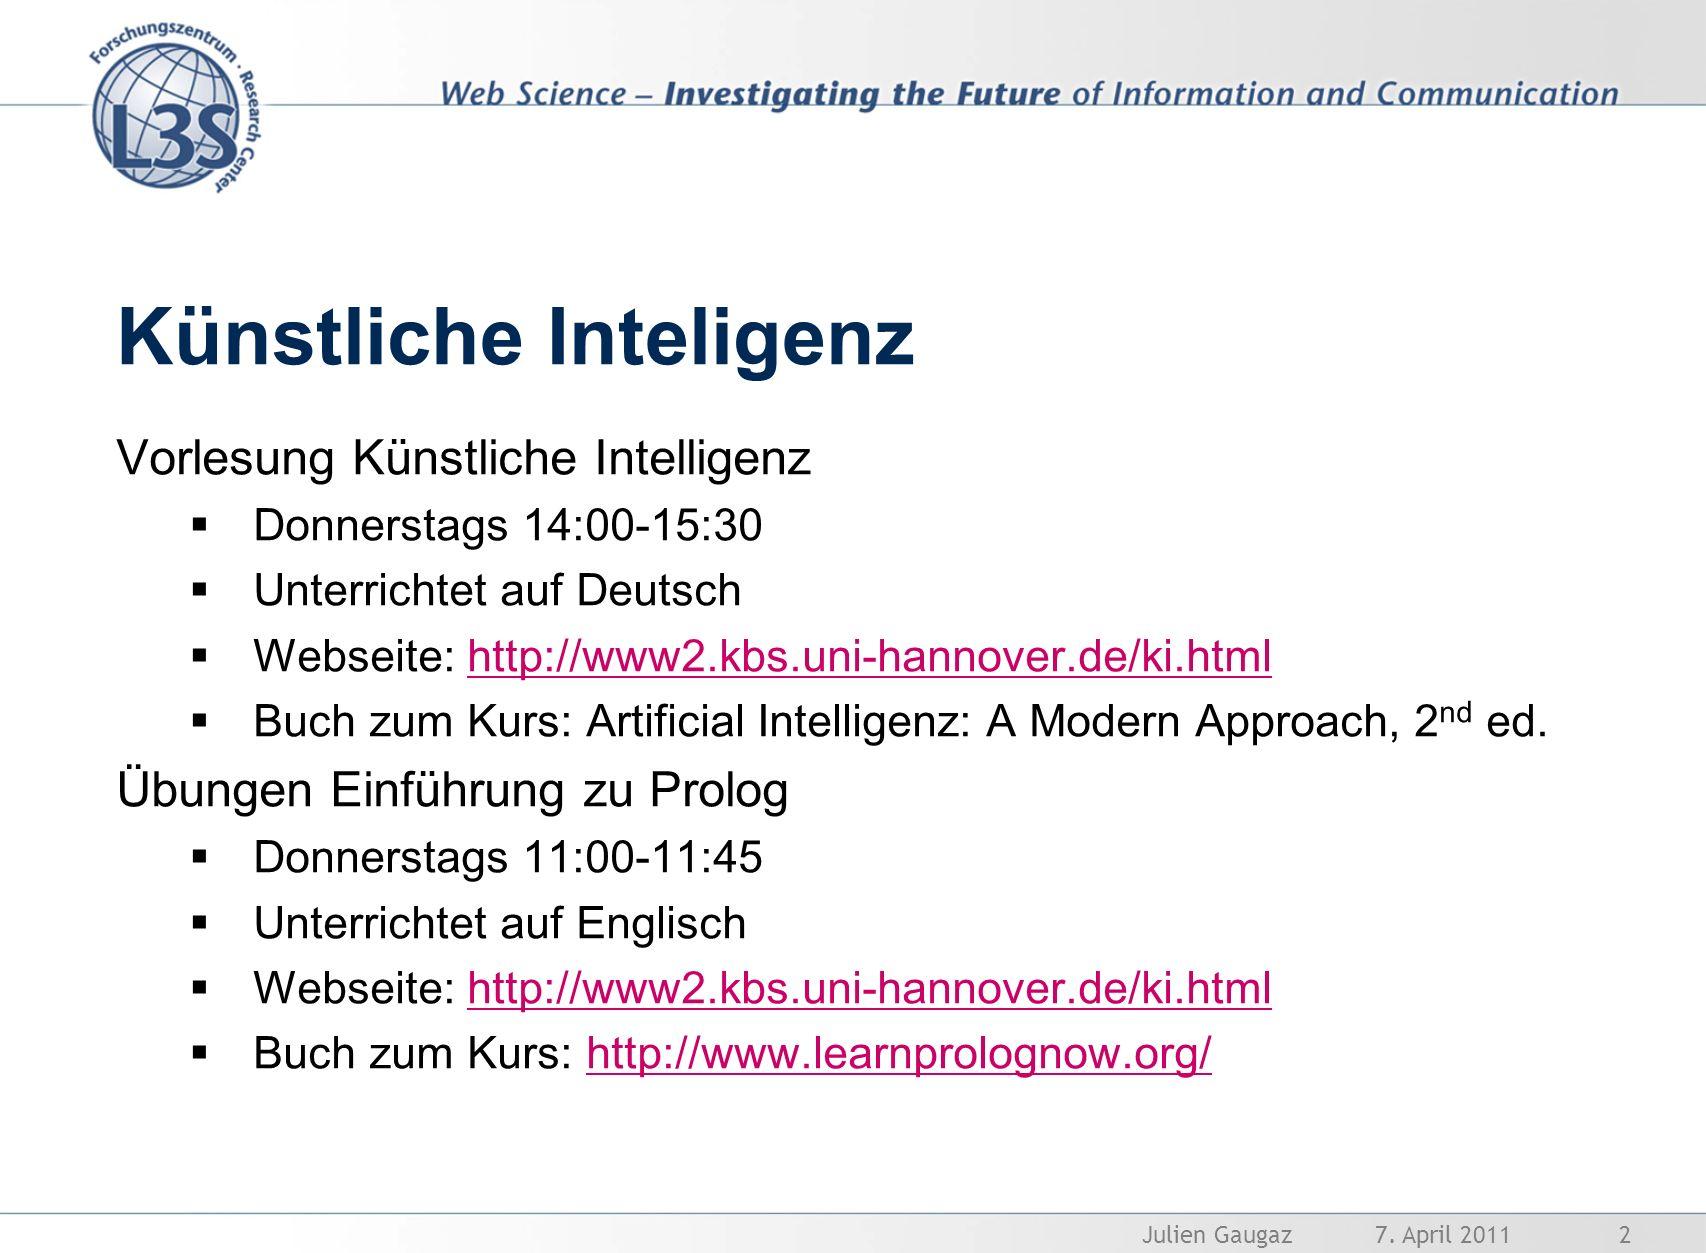 Künstliche Inteligenz Vorlesung Künstliche Intelligenz Donnerstags 14:00-15:30 Unterrichtet auf Deutsch Webseite: http://www2.kbs.uni-hannover.de/ki.h